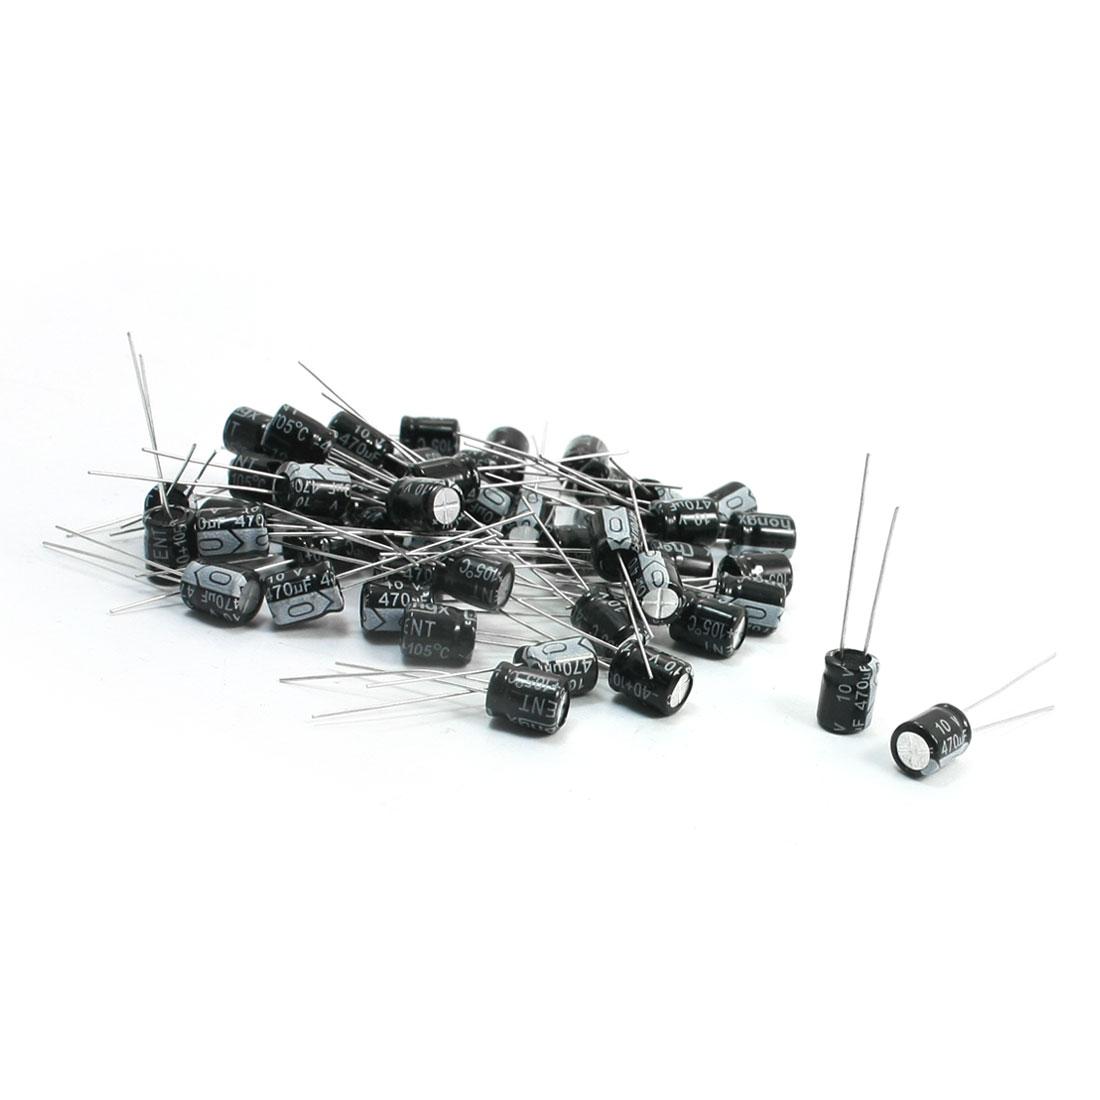 6mm x 8mm Through Hole Aluminum Electrolytic Capacitor 10V 470uF 50Pcs - image 1 of 1